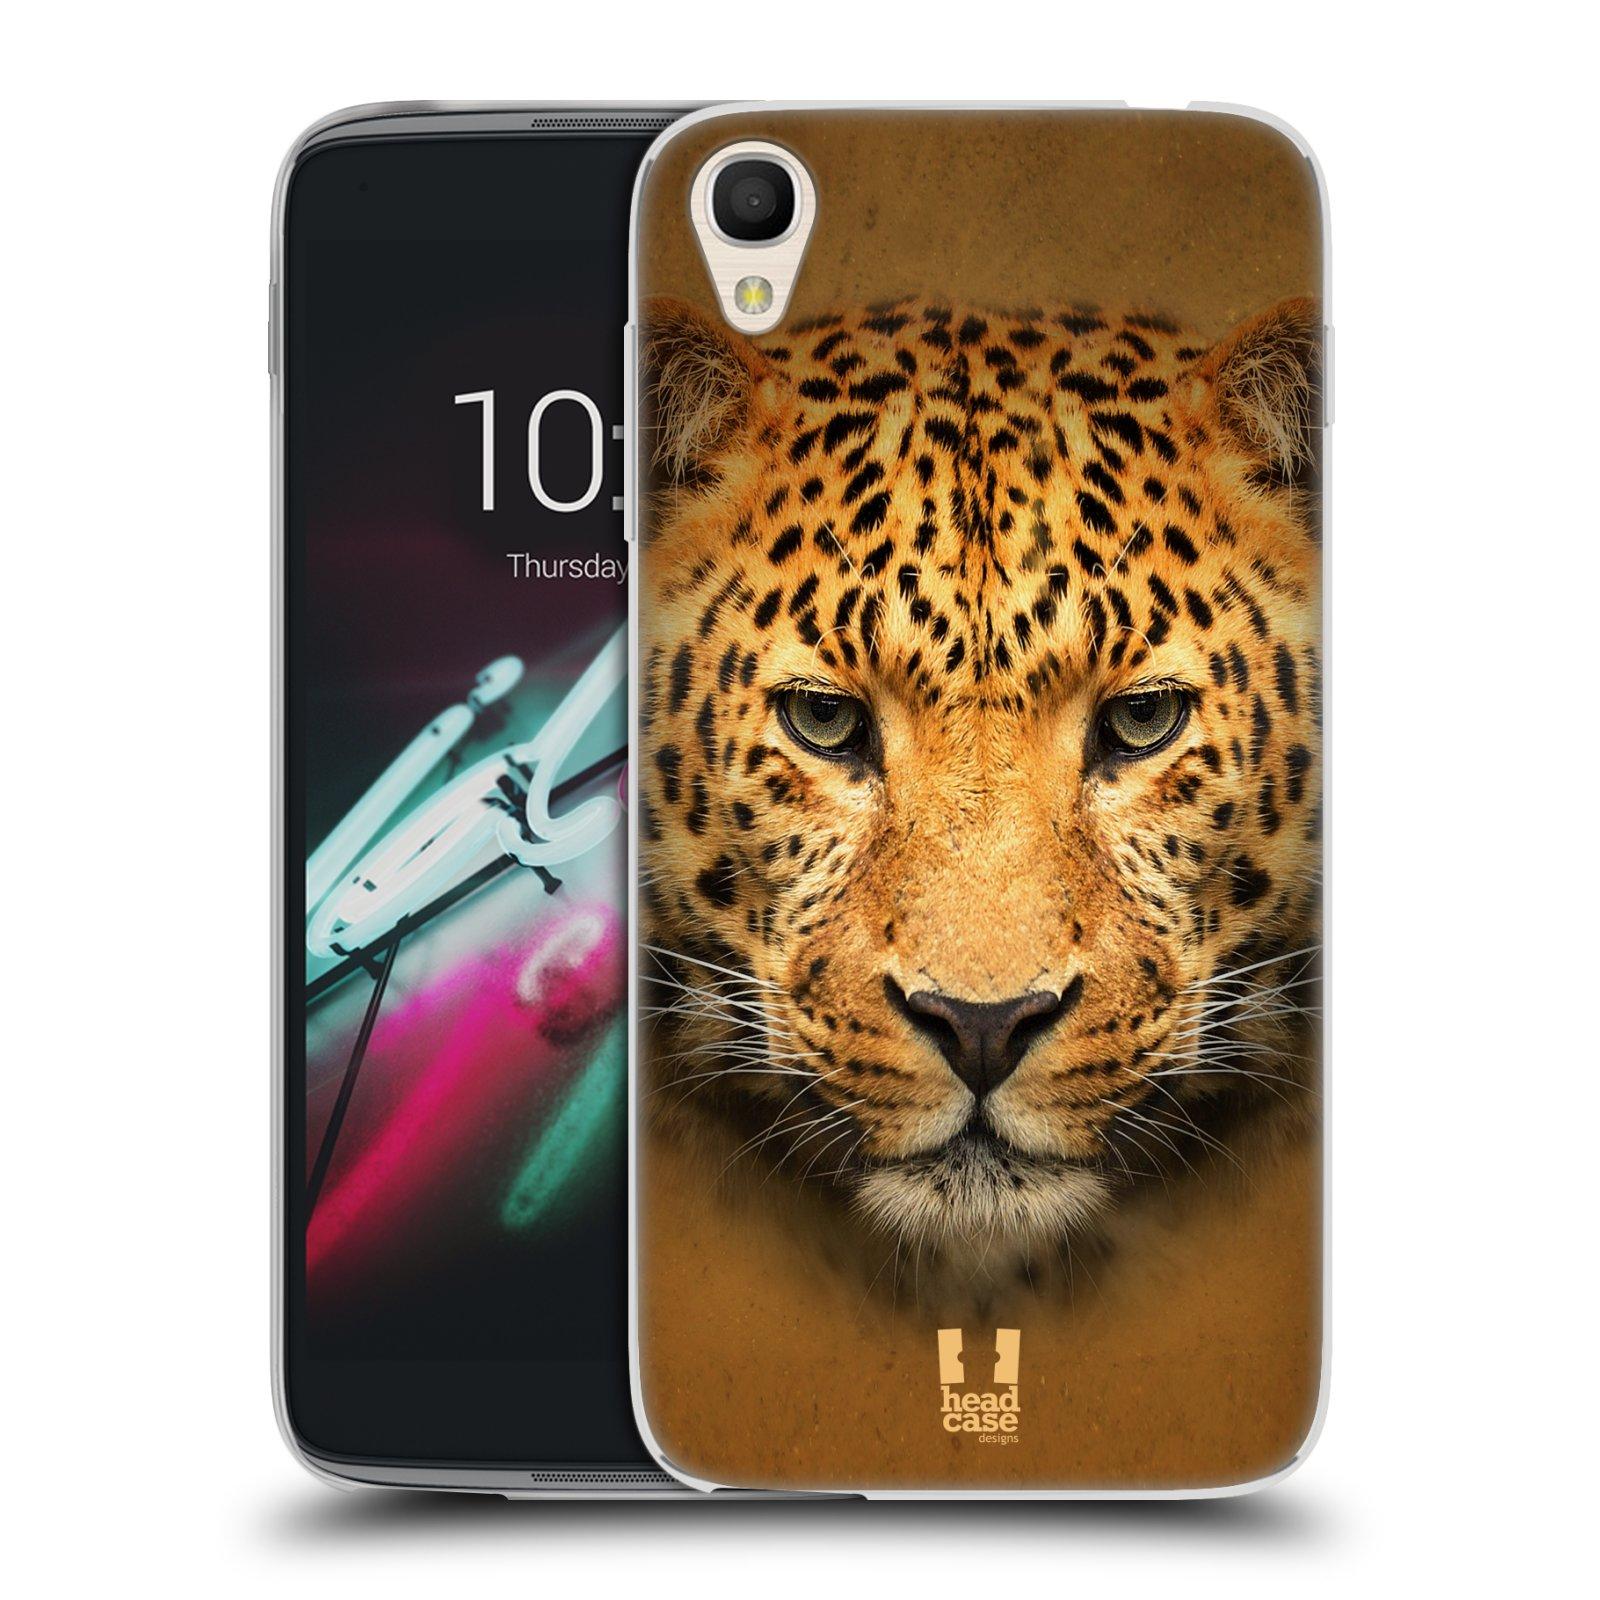 HEAD CASE silikonový obal na mobil Alcatel Idol 3 OT-6039Y (4.7) vzor Zvířecí tváře 2 leopard